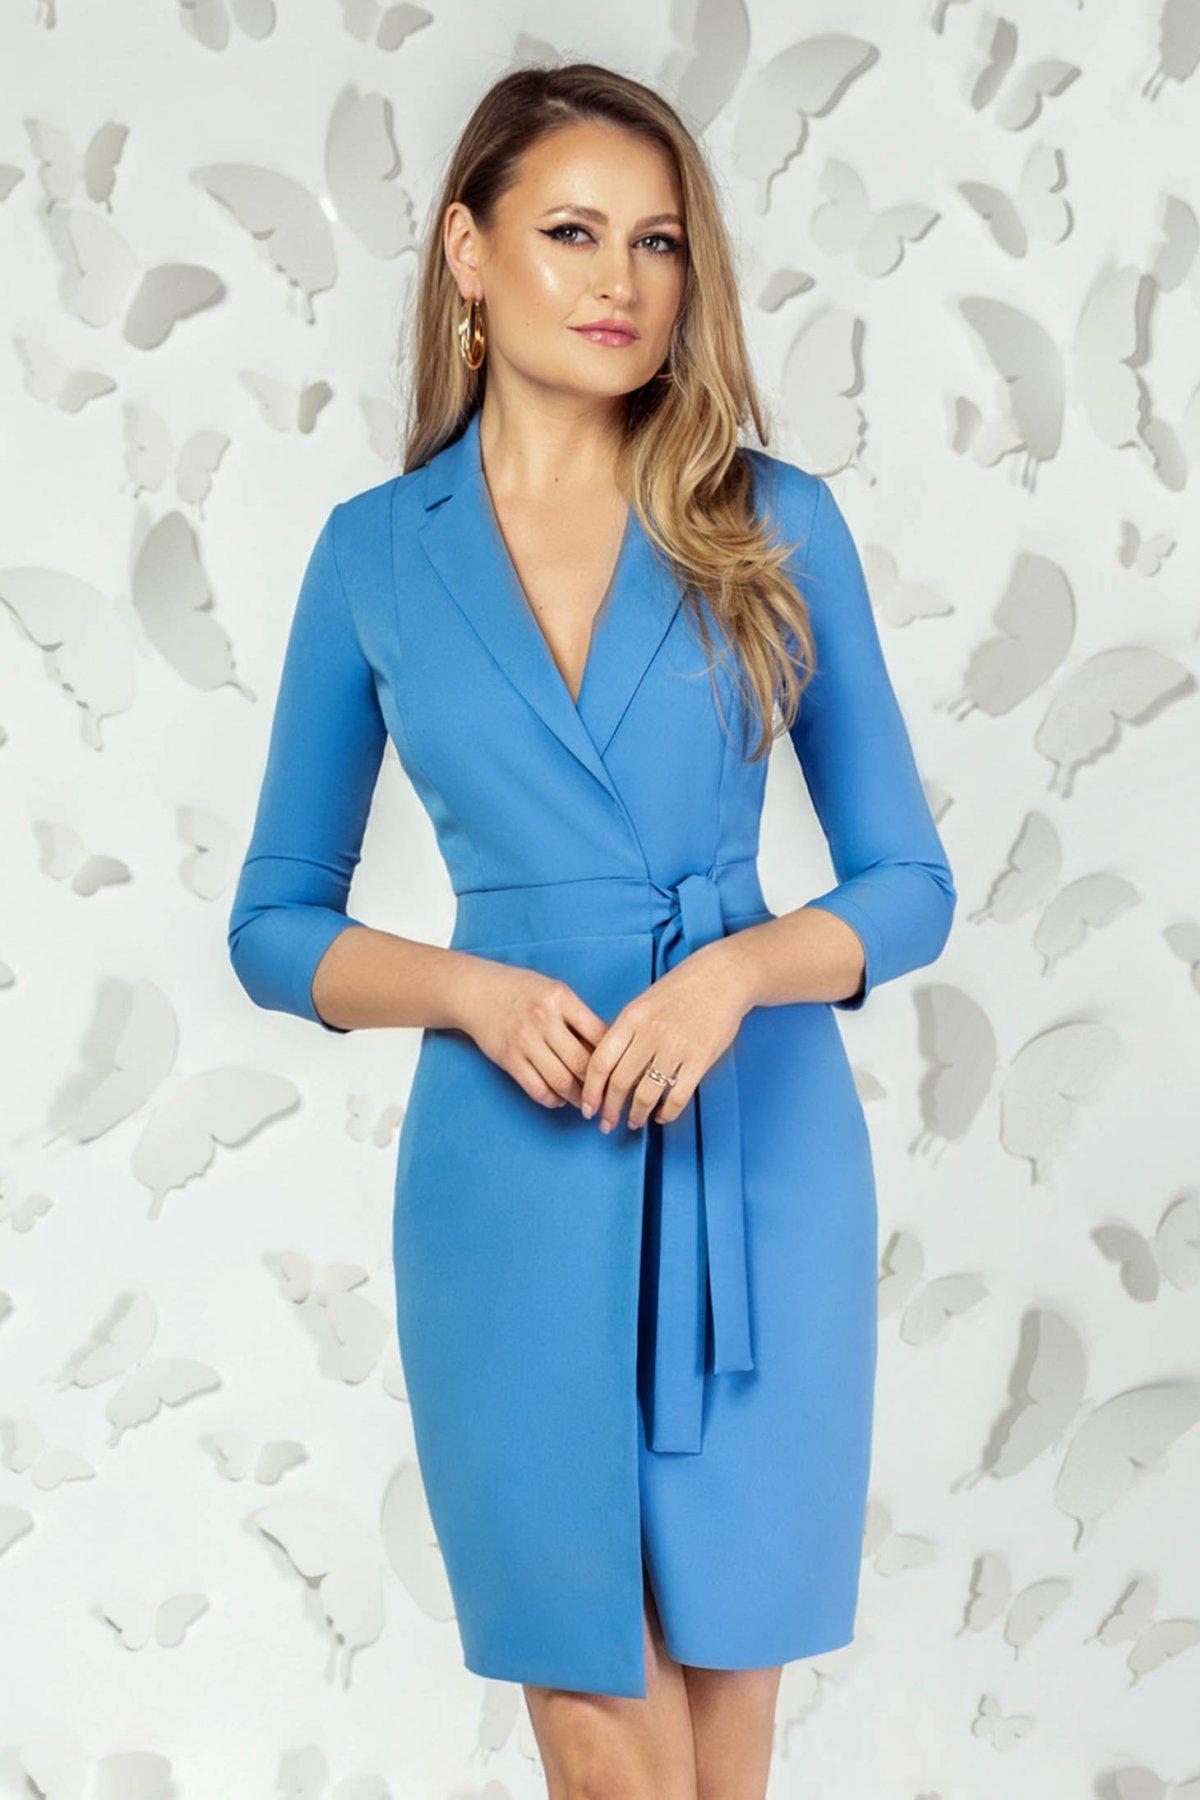 Rochie PrettyGirl albastra eleganta scurta tip creion cu decolteu in v si maneci trei-sferturi